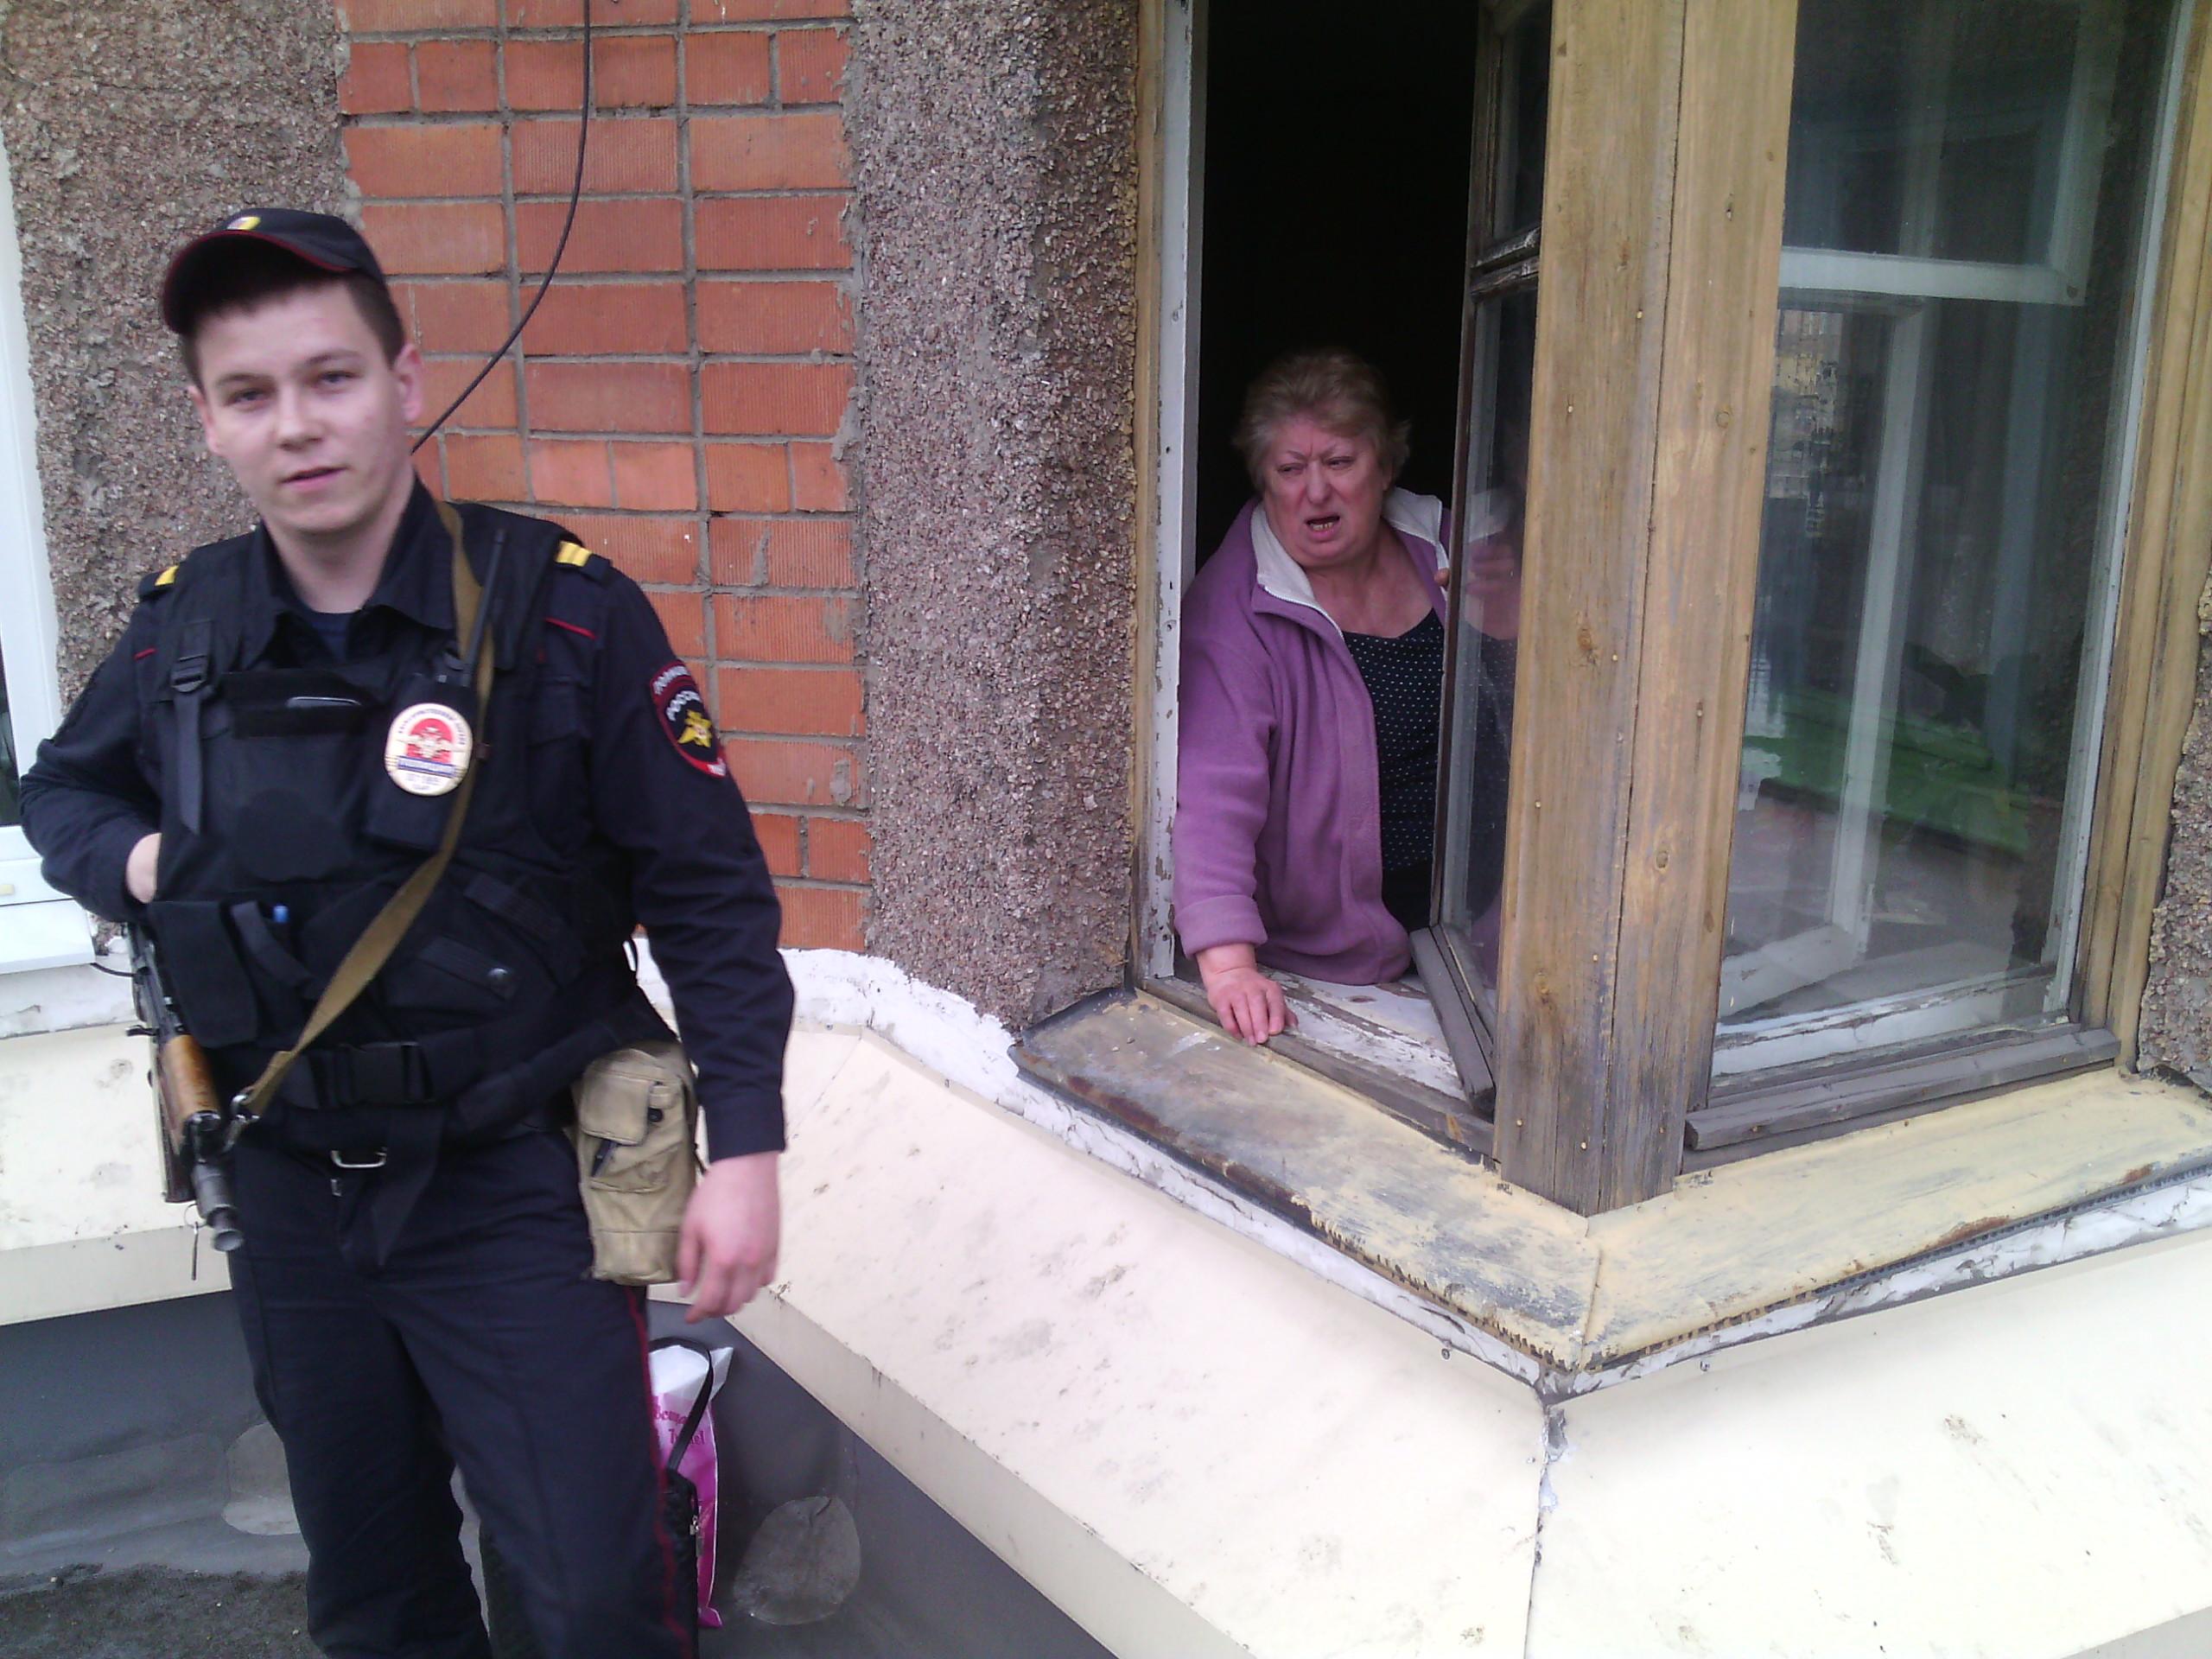 Сотрудник полиции возле окна одного из жильцов дома, требующих сноса незаконной пристройки. Фото: Валерий Поташов